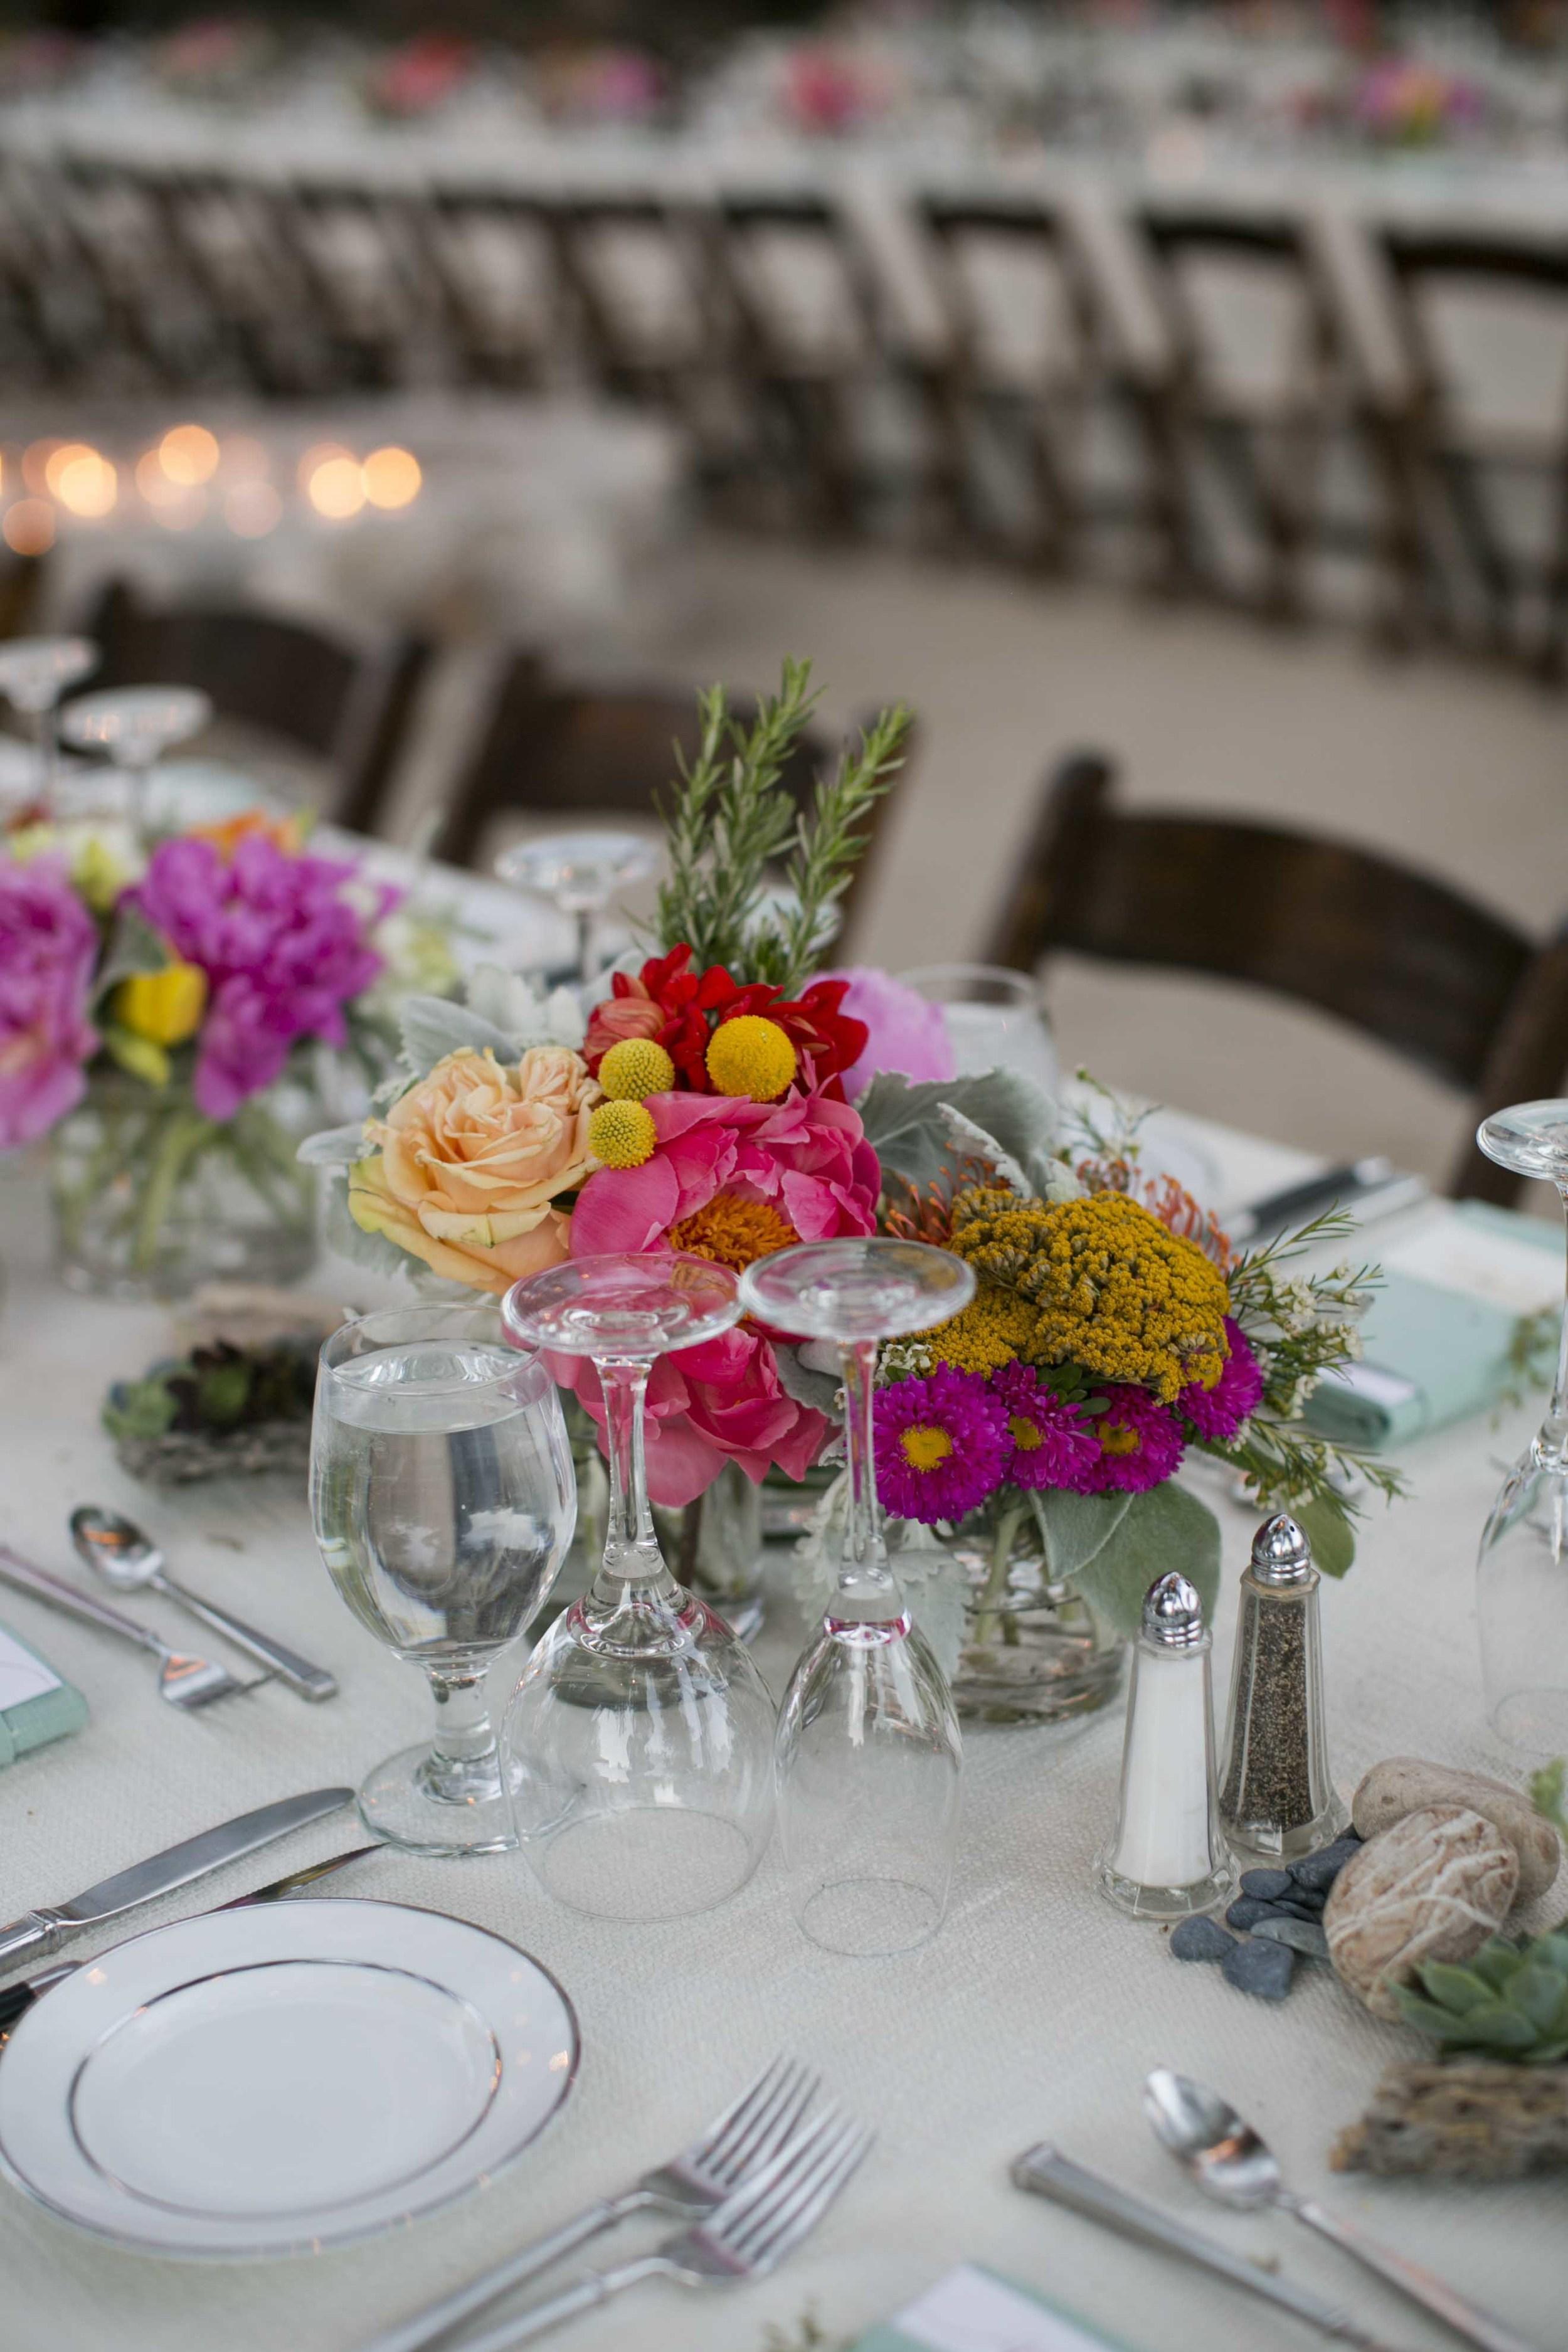 magenta-pink-yellow-floral-centerpiece-wedding-desert